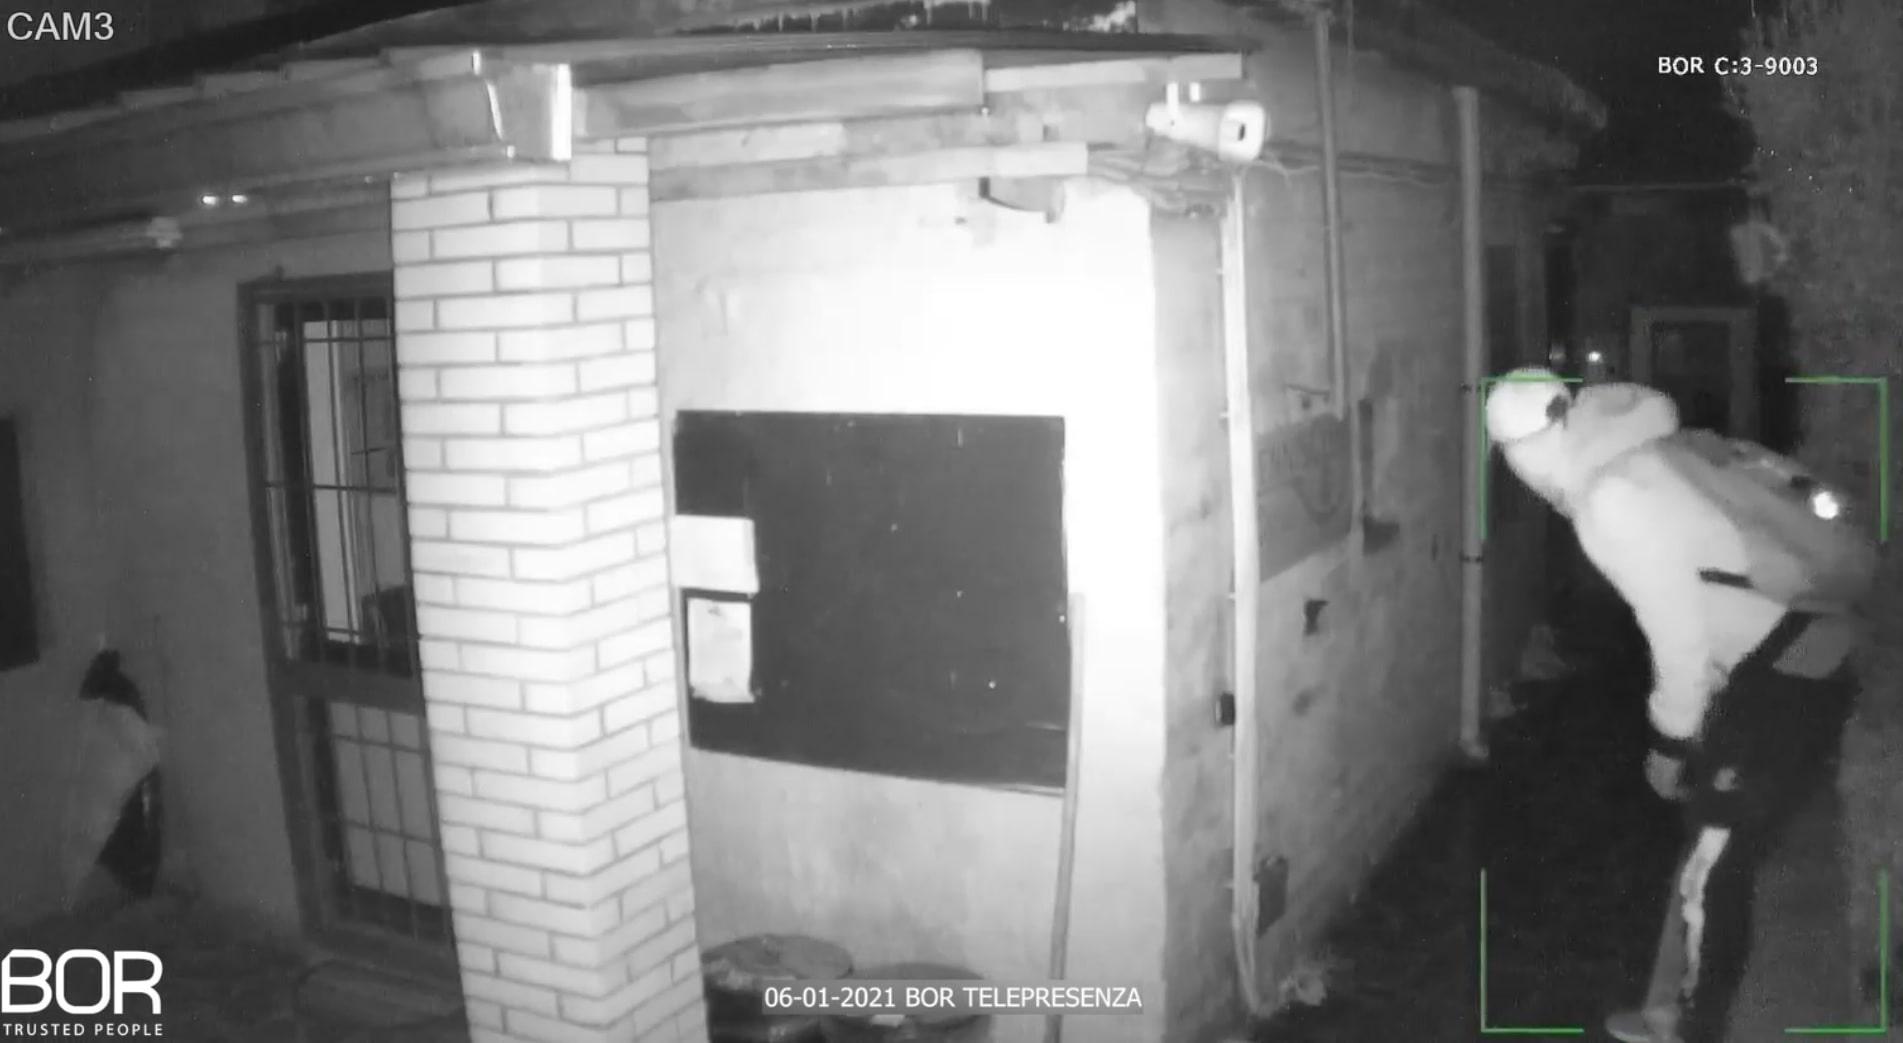 """""""TENNIS CLUB CAPUA"""": secondo tentativo di furto dissuaso in due giorni presso la stessa struttura!"""